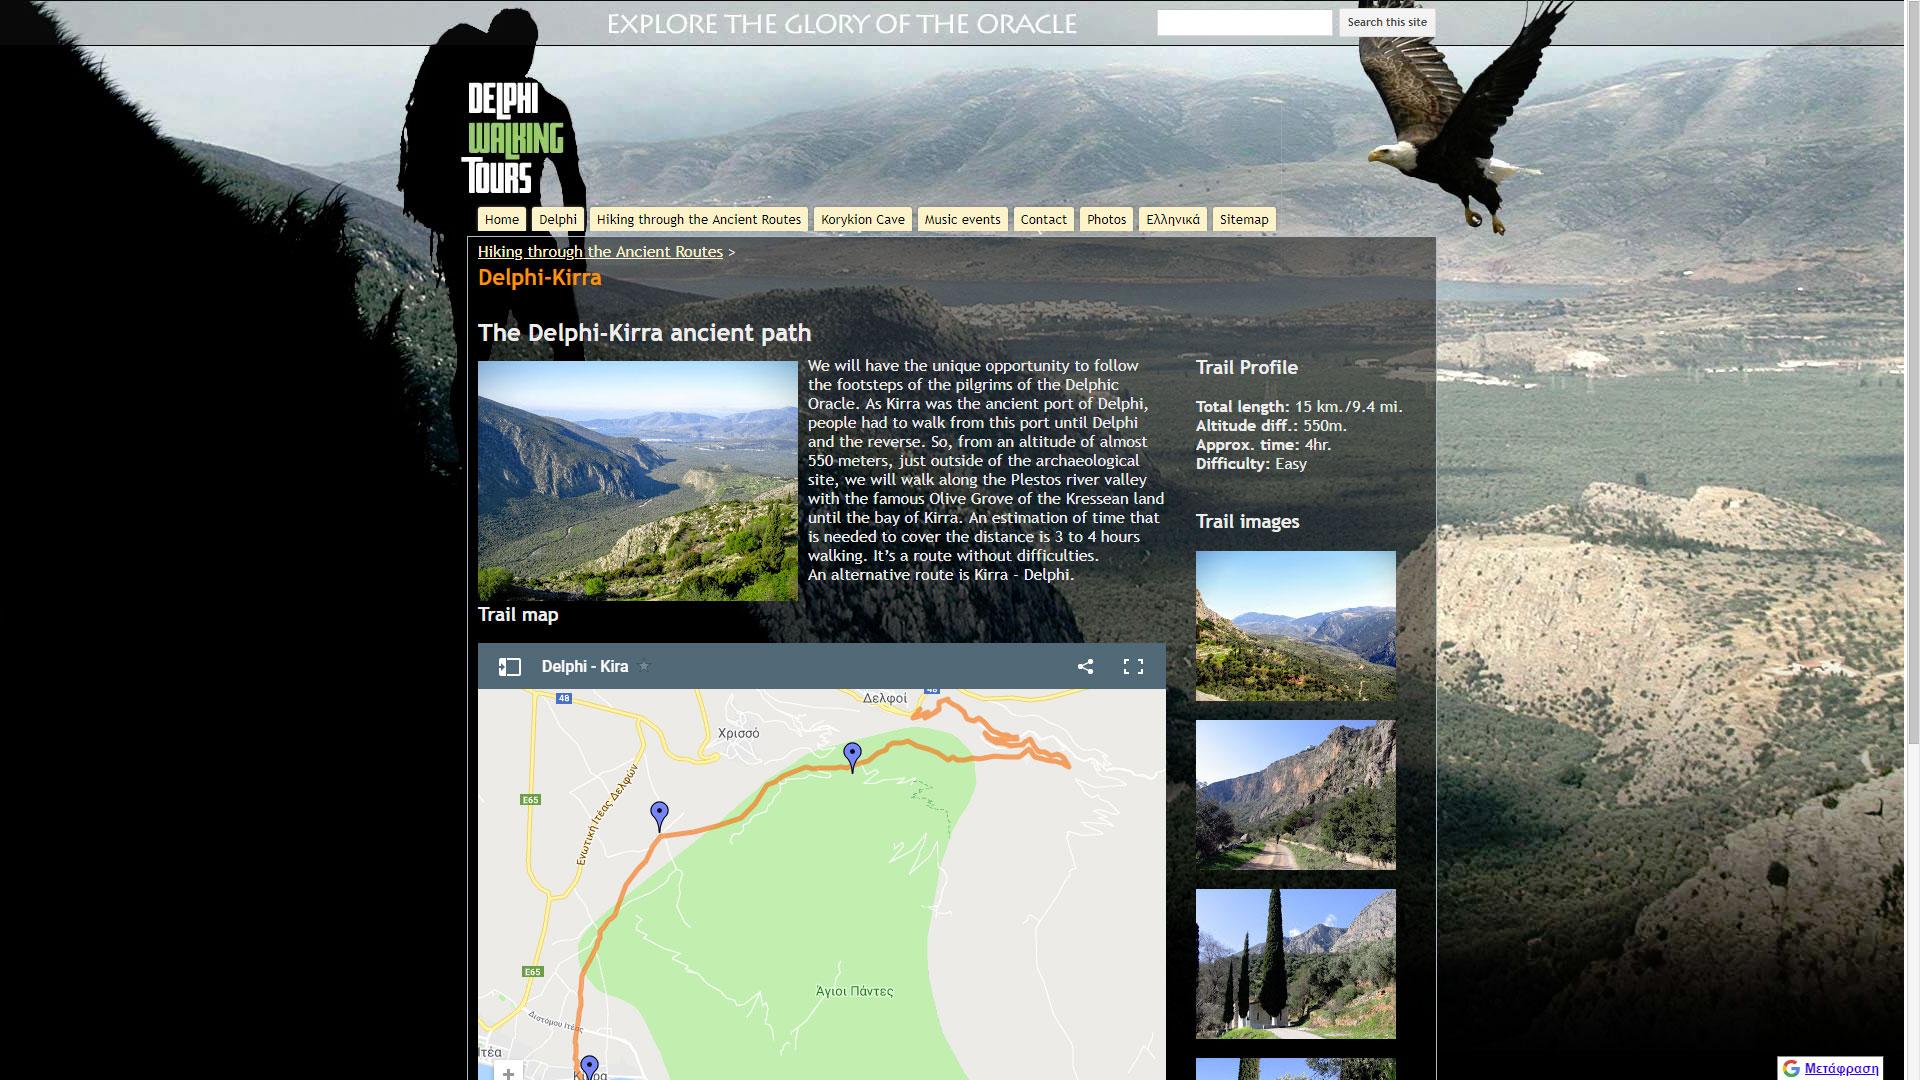 delphiwalkingtours.com